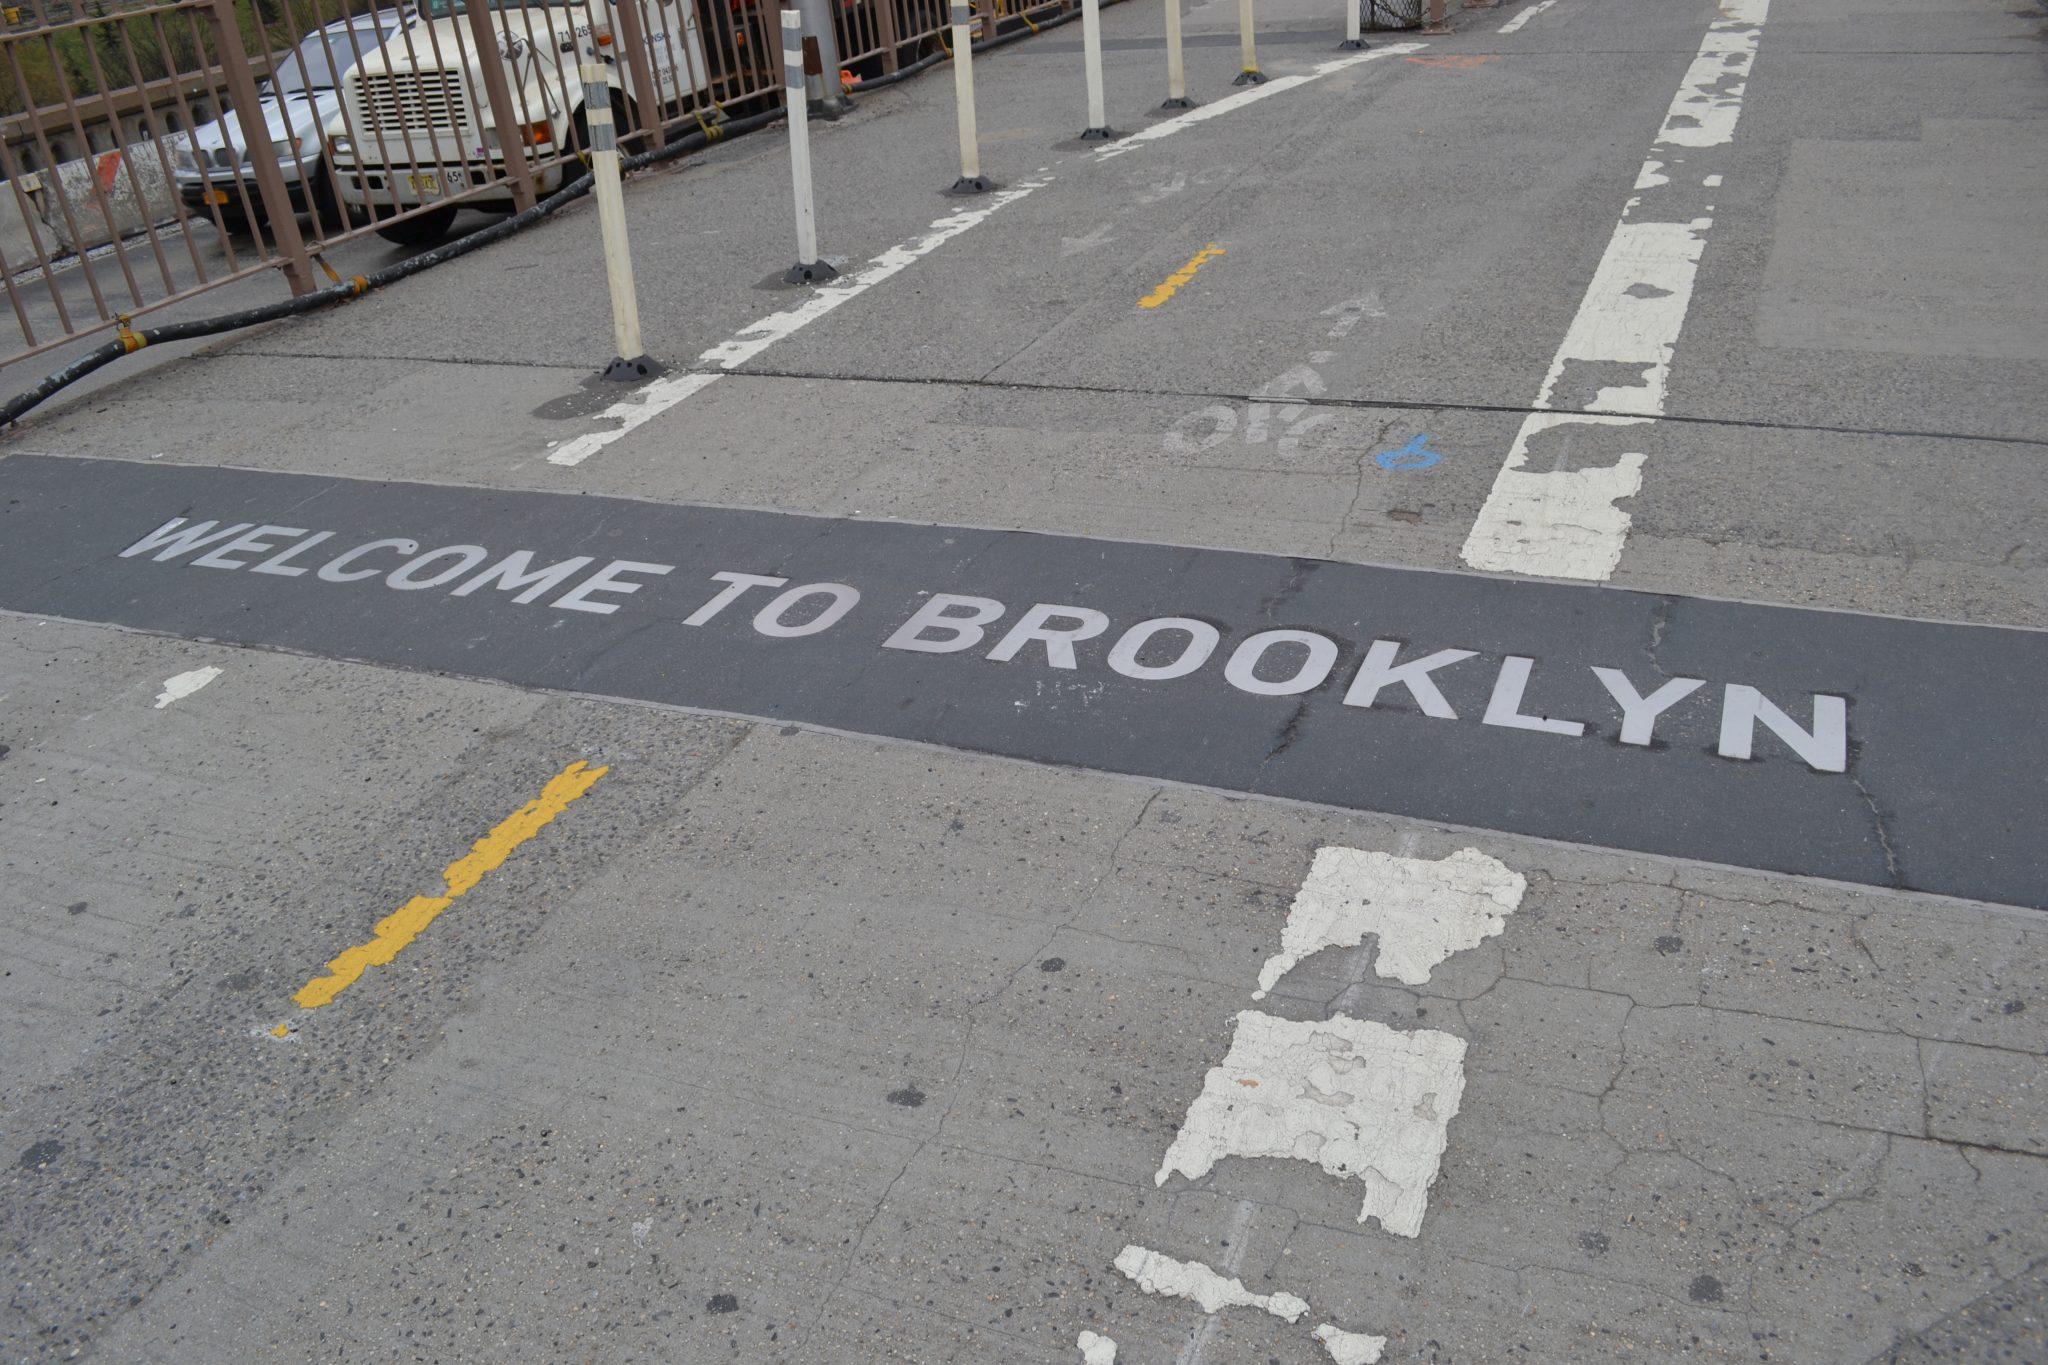 Eine Woche in New York: Brooklyn Bridge & Citystore - dsc 00371